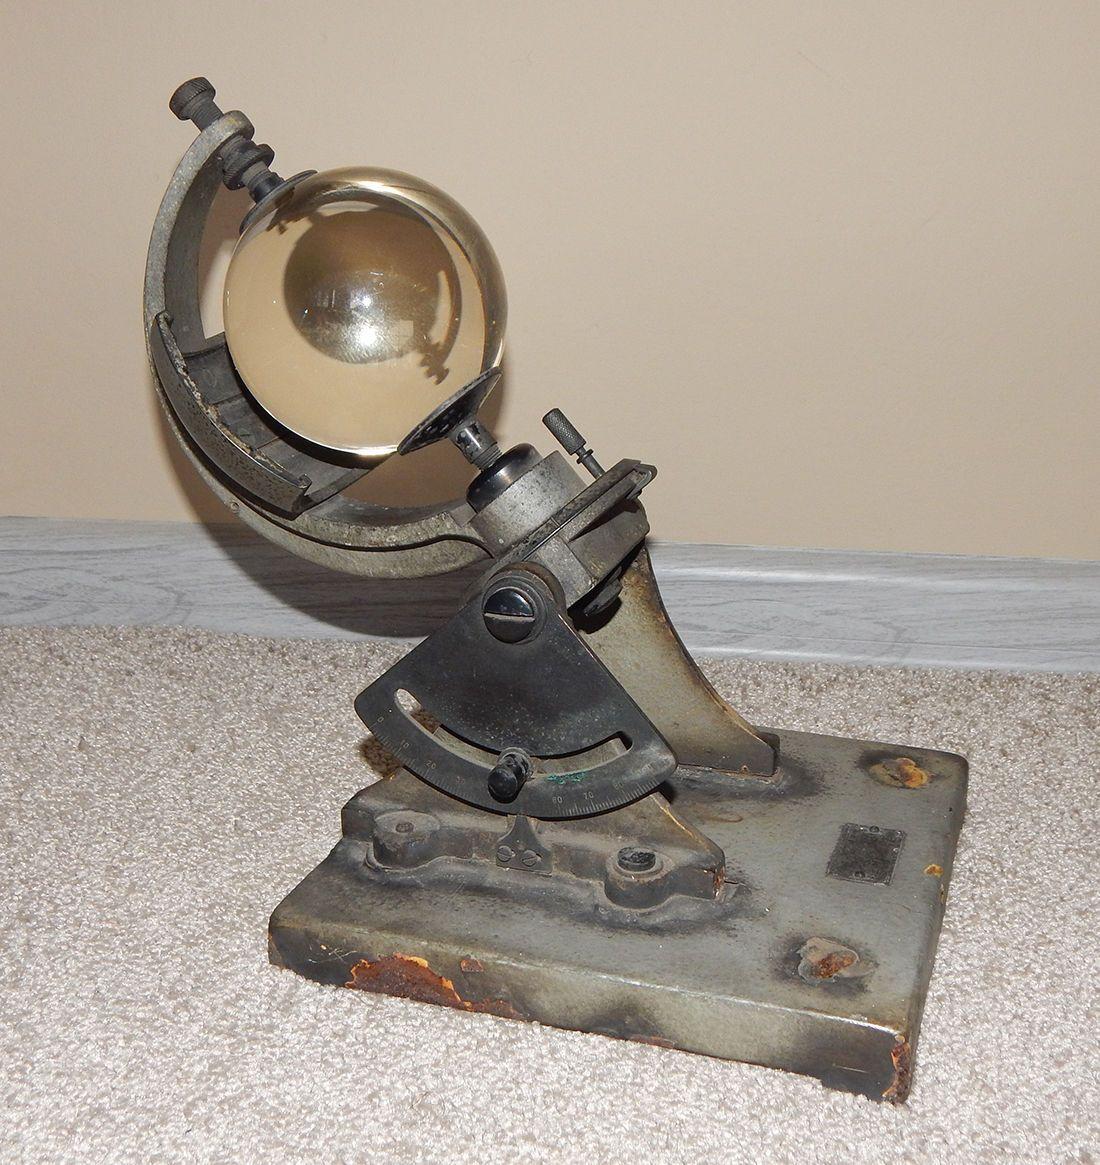 Alter Russisch Campbell Stokes Heliograph Sonnenscheinautograph Russland   eBay